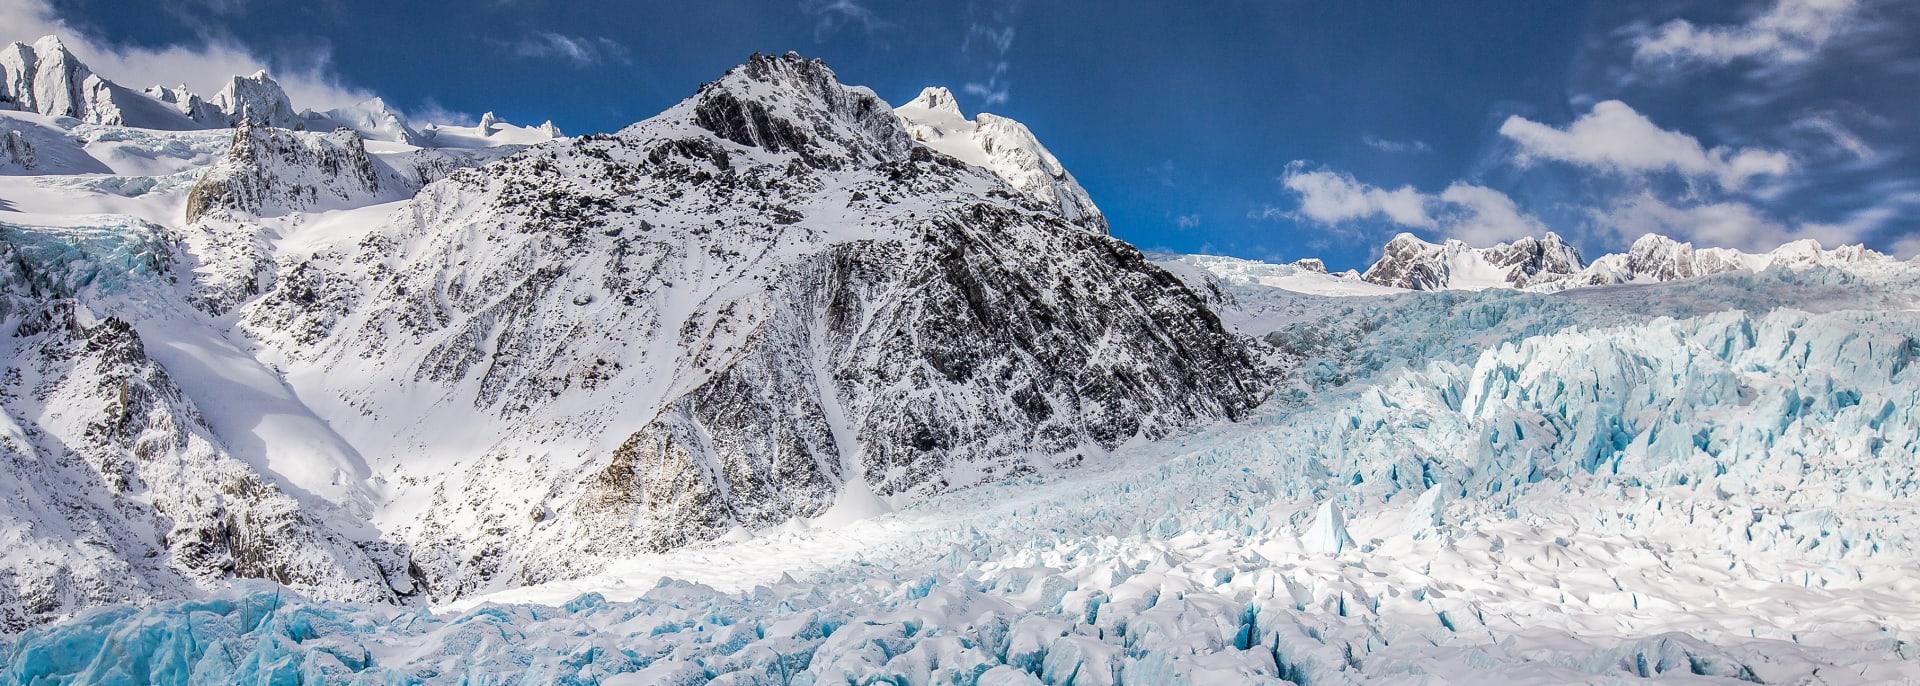 Fox- und Franz Josef Gletscher, Neuseeland